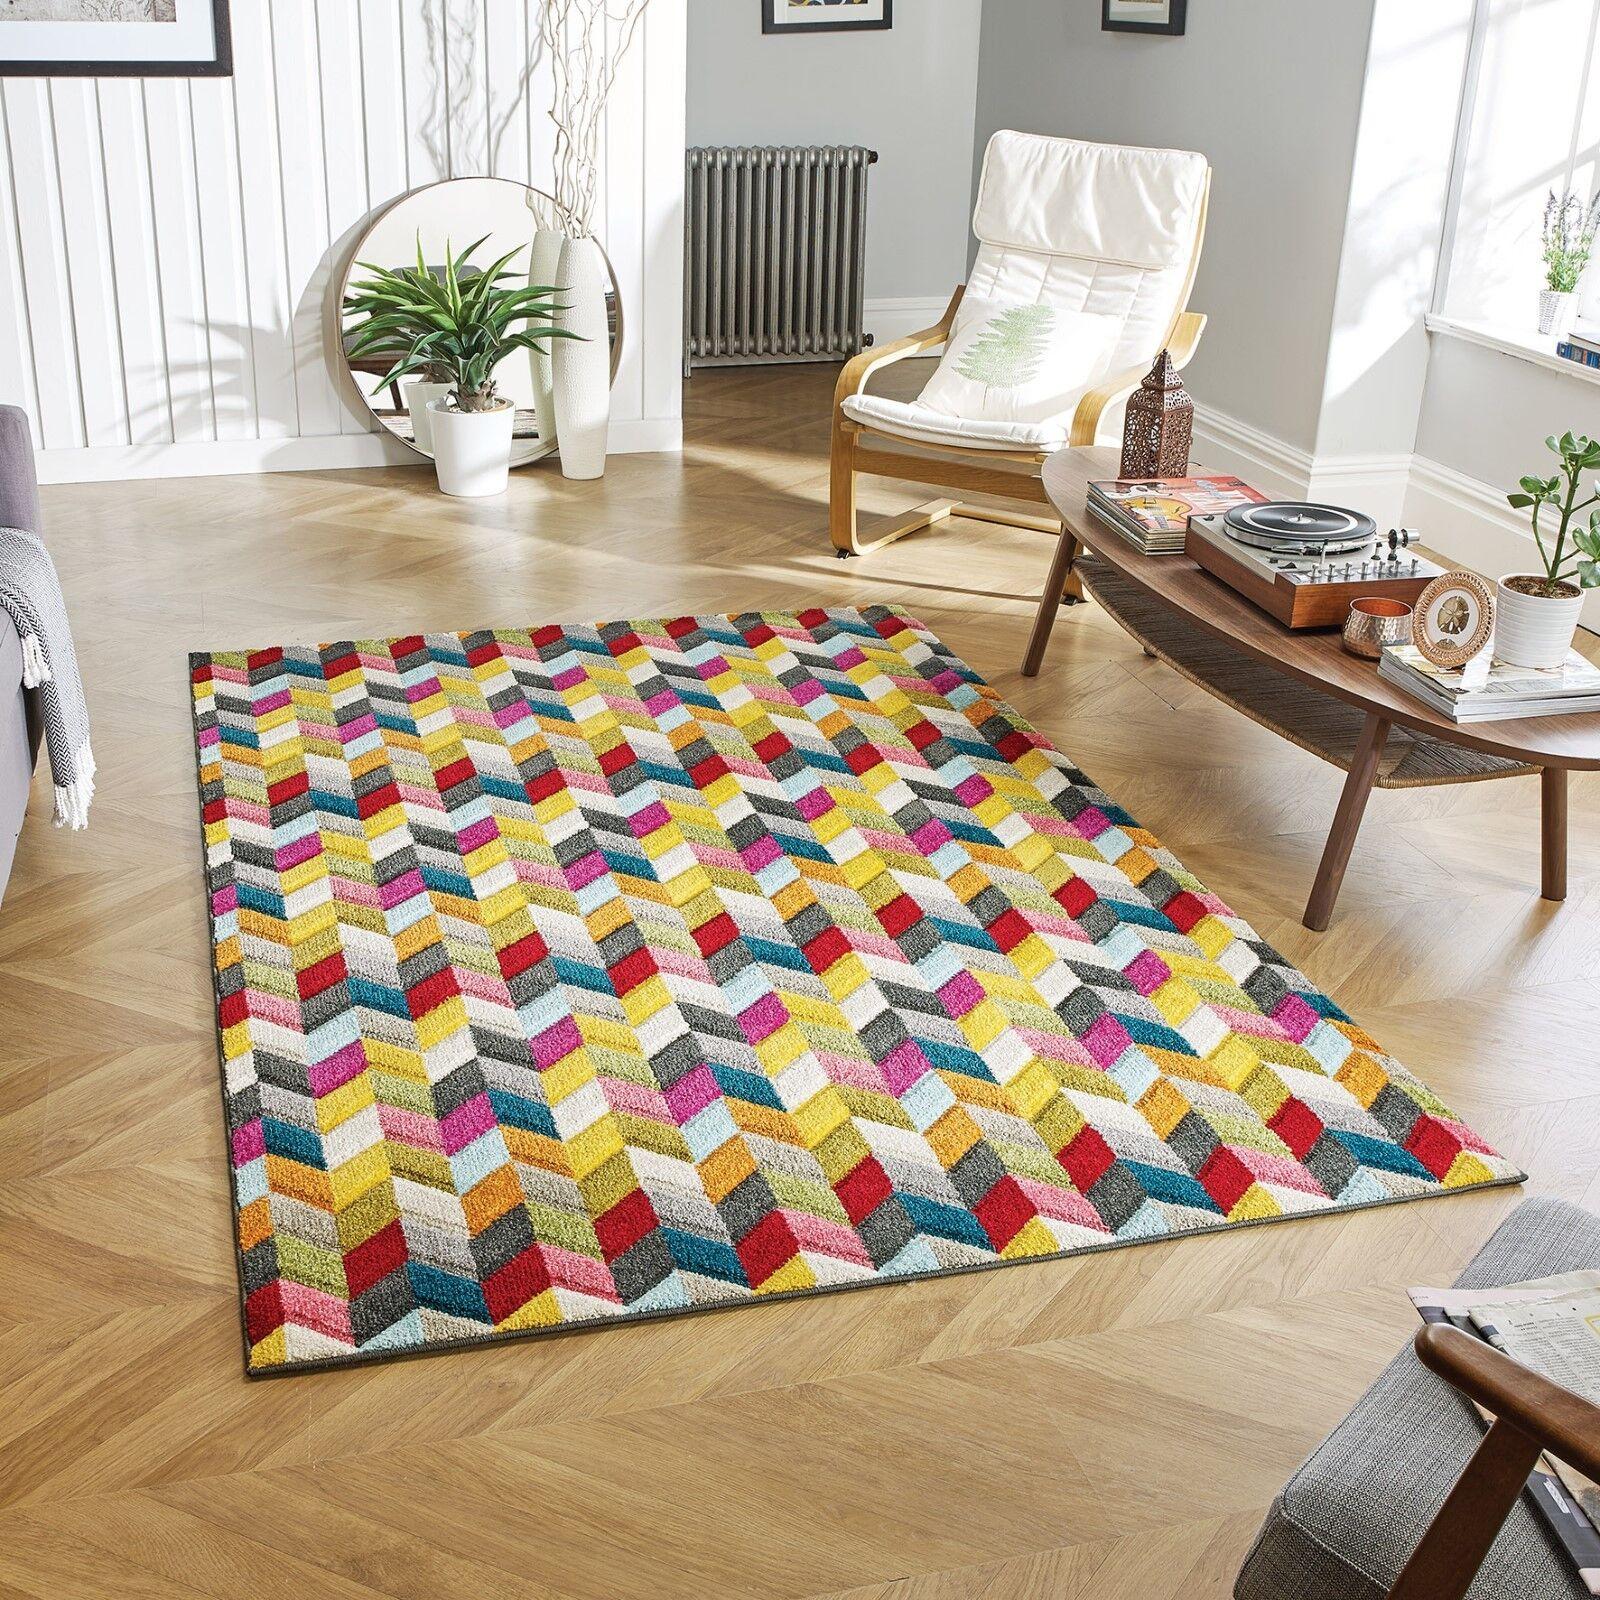 Piccadilly 564Y vibrant Géométrique Multicolore Tapis en tailles différentes tailles en et RUNNER 8c8d2d